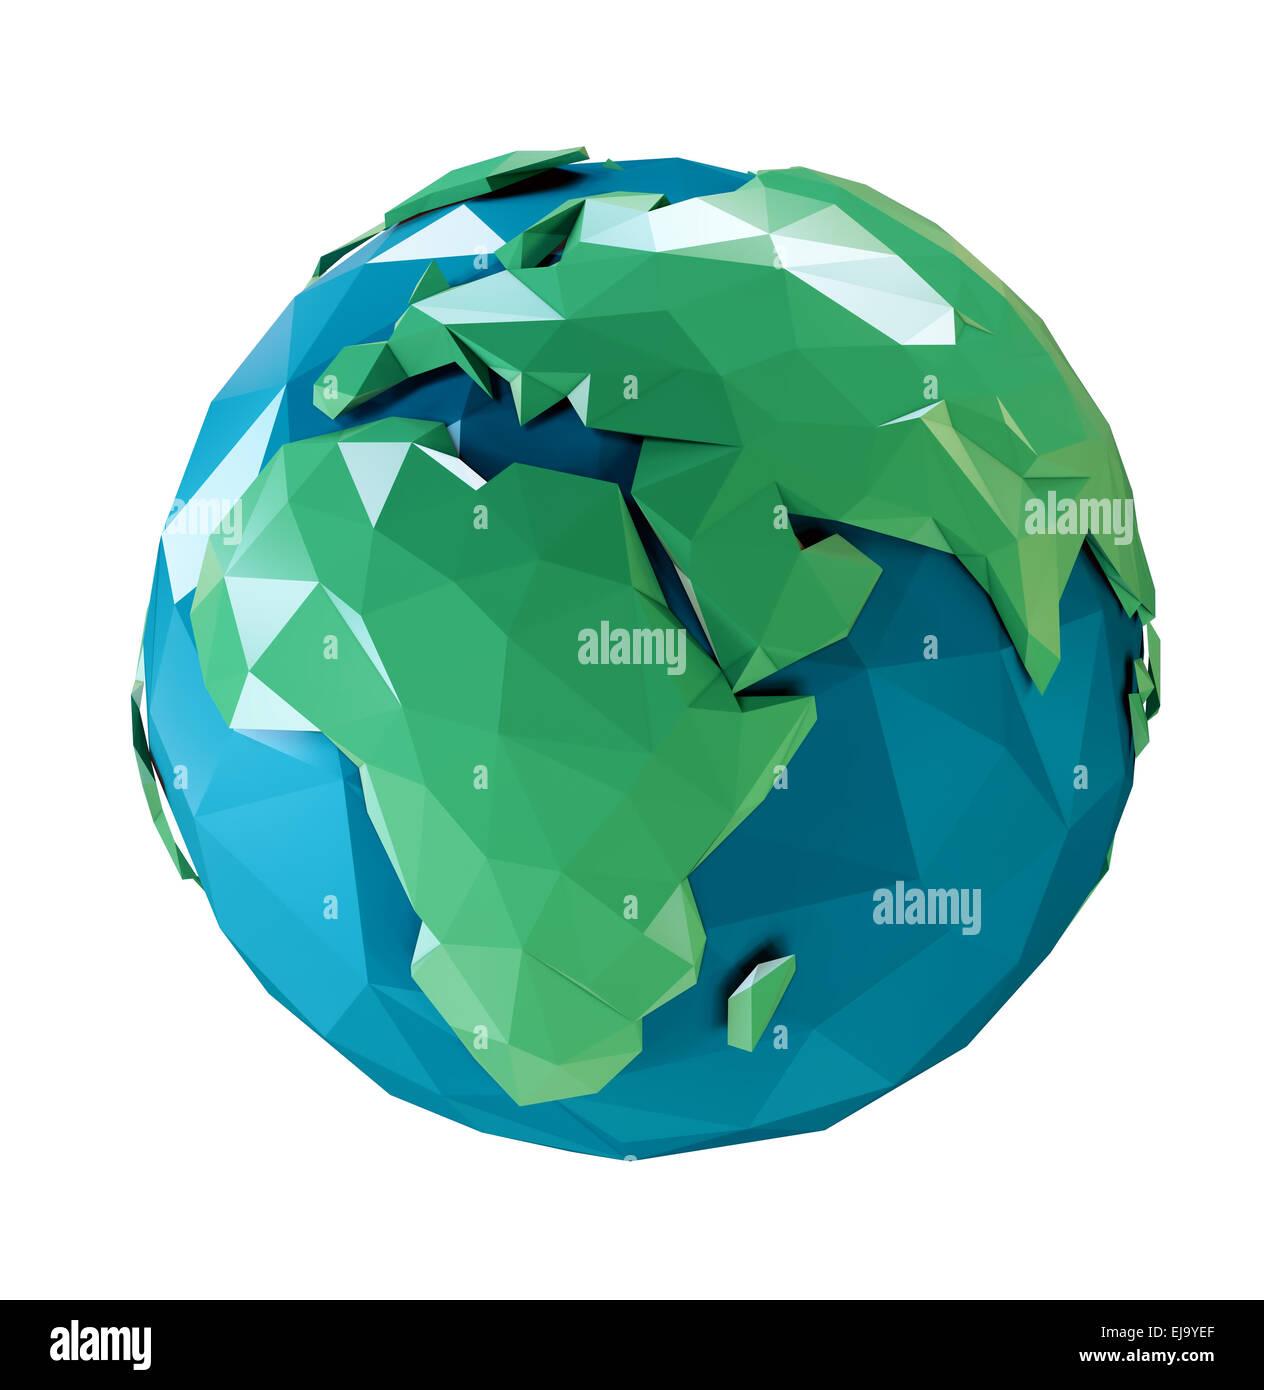 3d abstrait stylisé modèle de la Terre Photo Stock